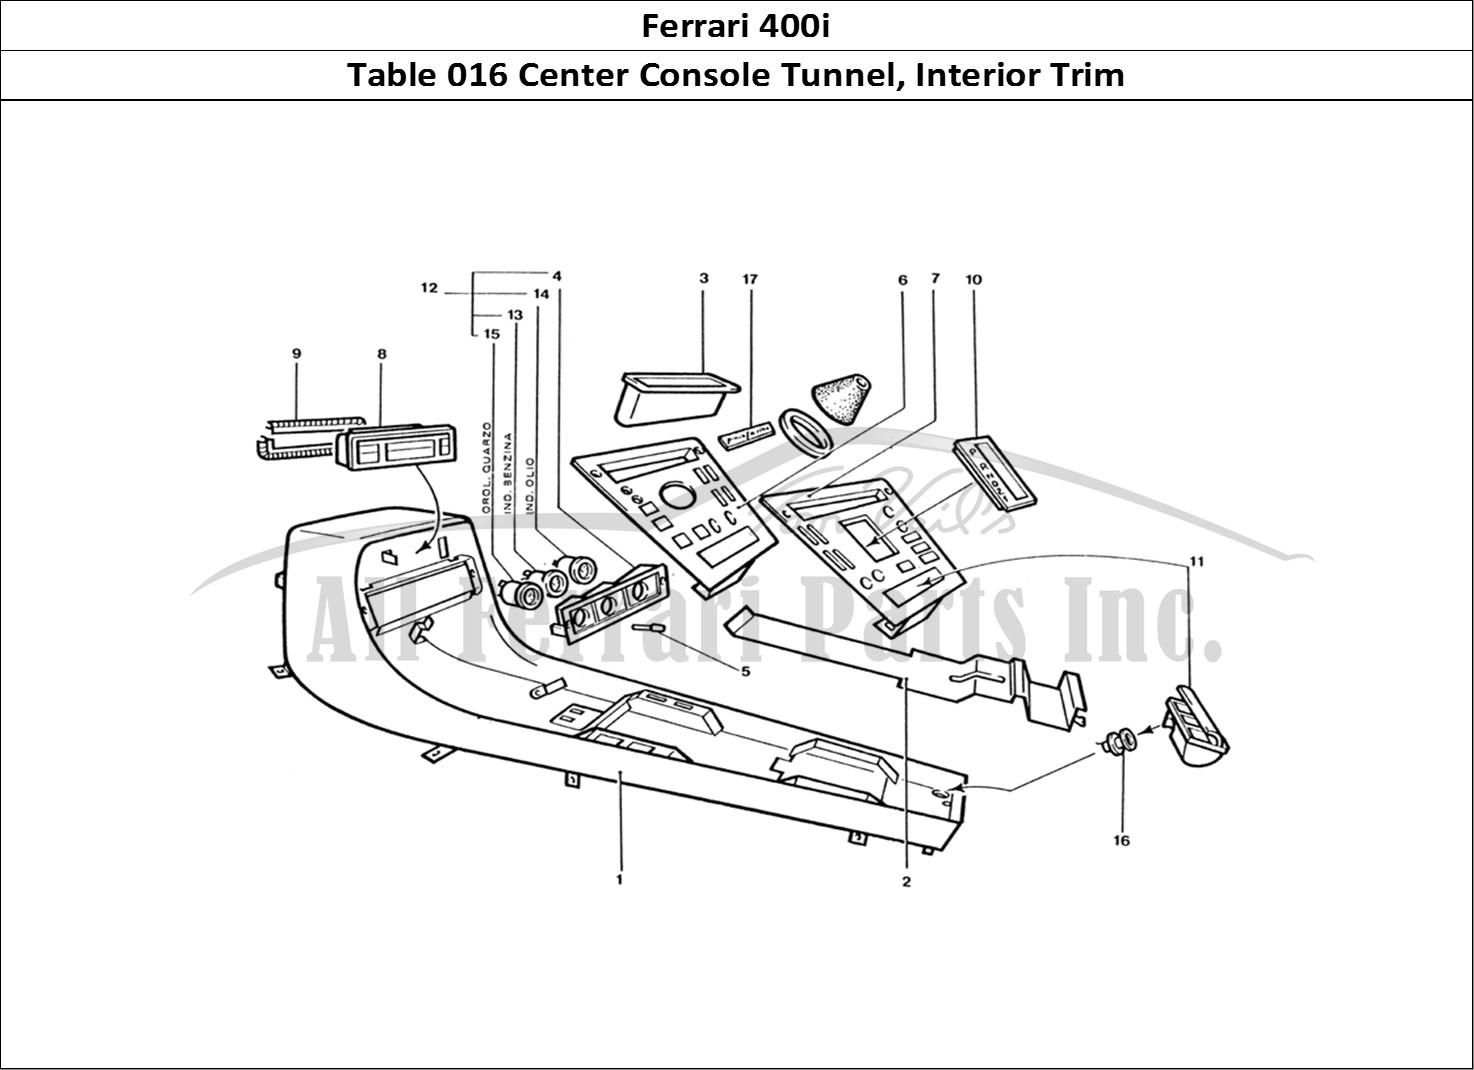 Buy Original Ferrari 400i 016 Center Console Tunnel